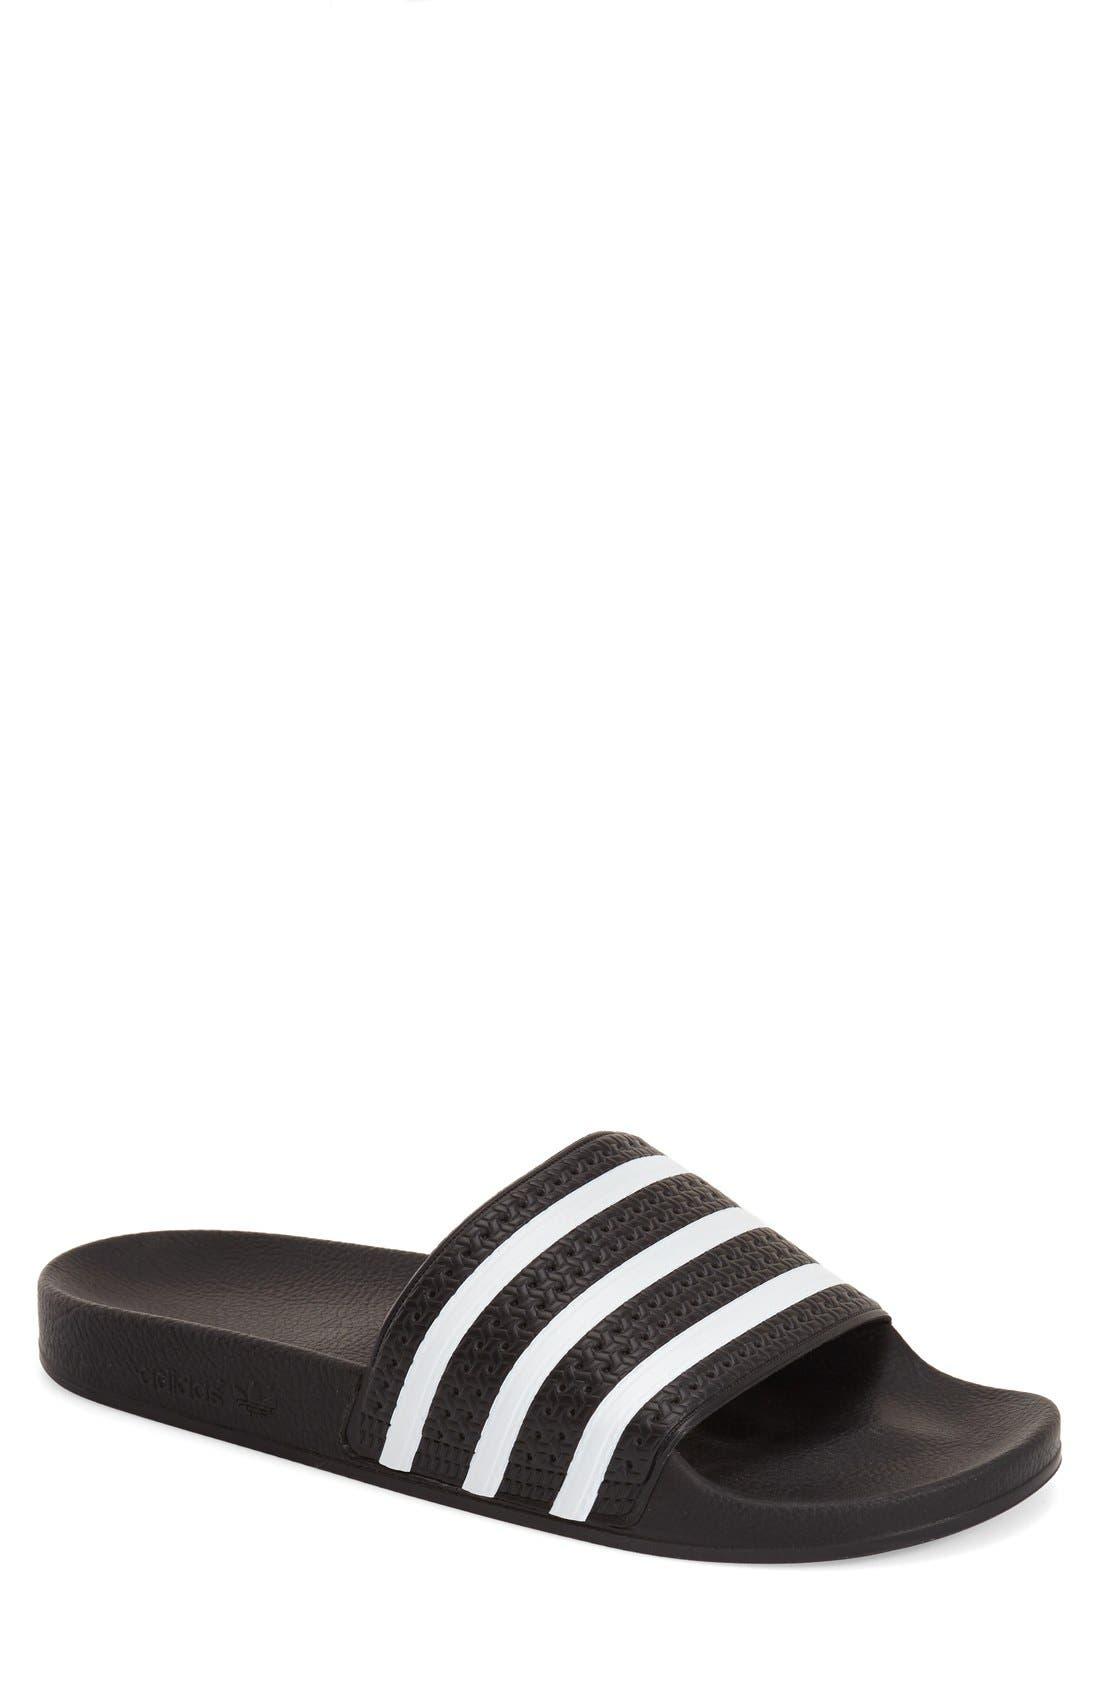 'Adilette' Slide Sandal,                         Main,                         color, Black/ White/ Black